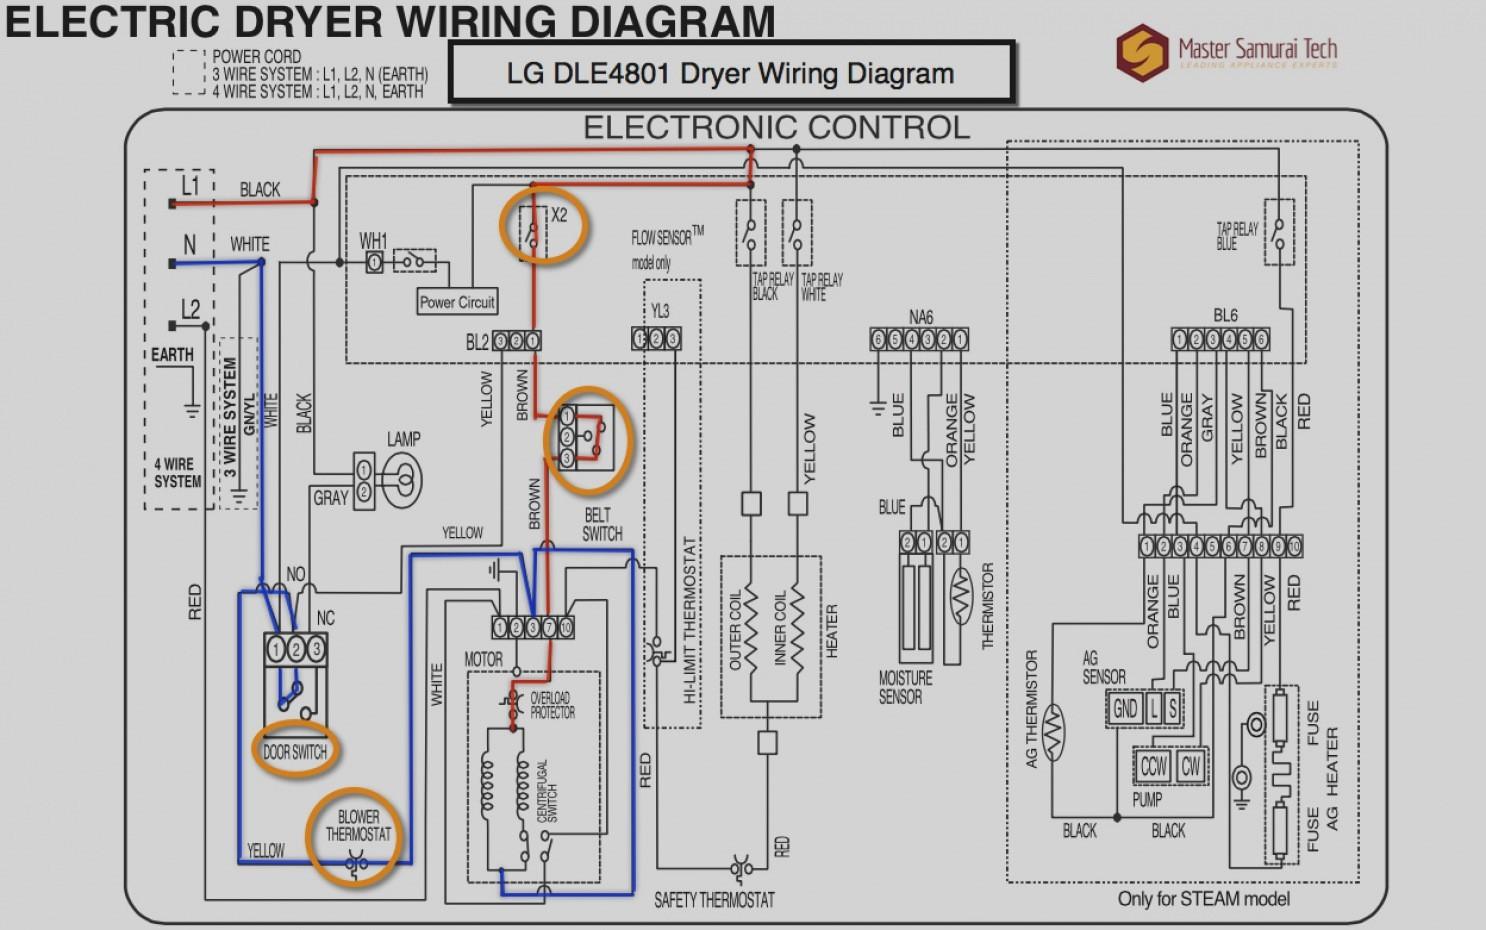 WRG-4083] Dryer Hookup Wiring Diagram on